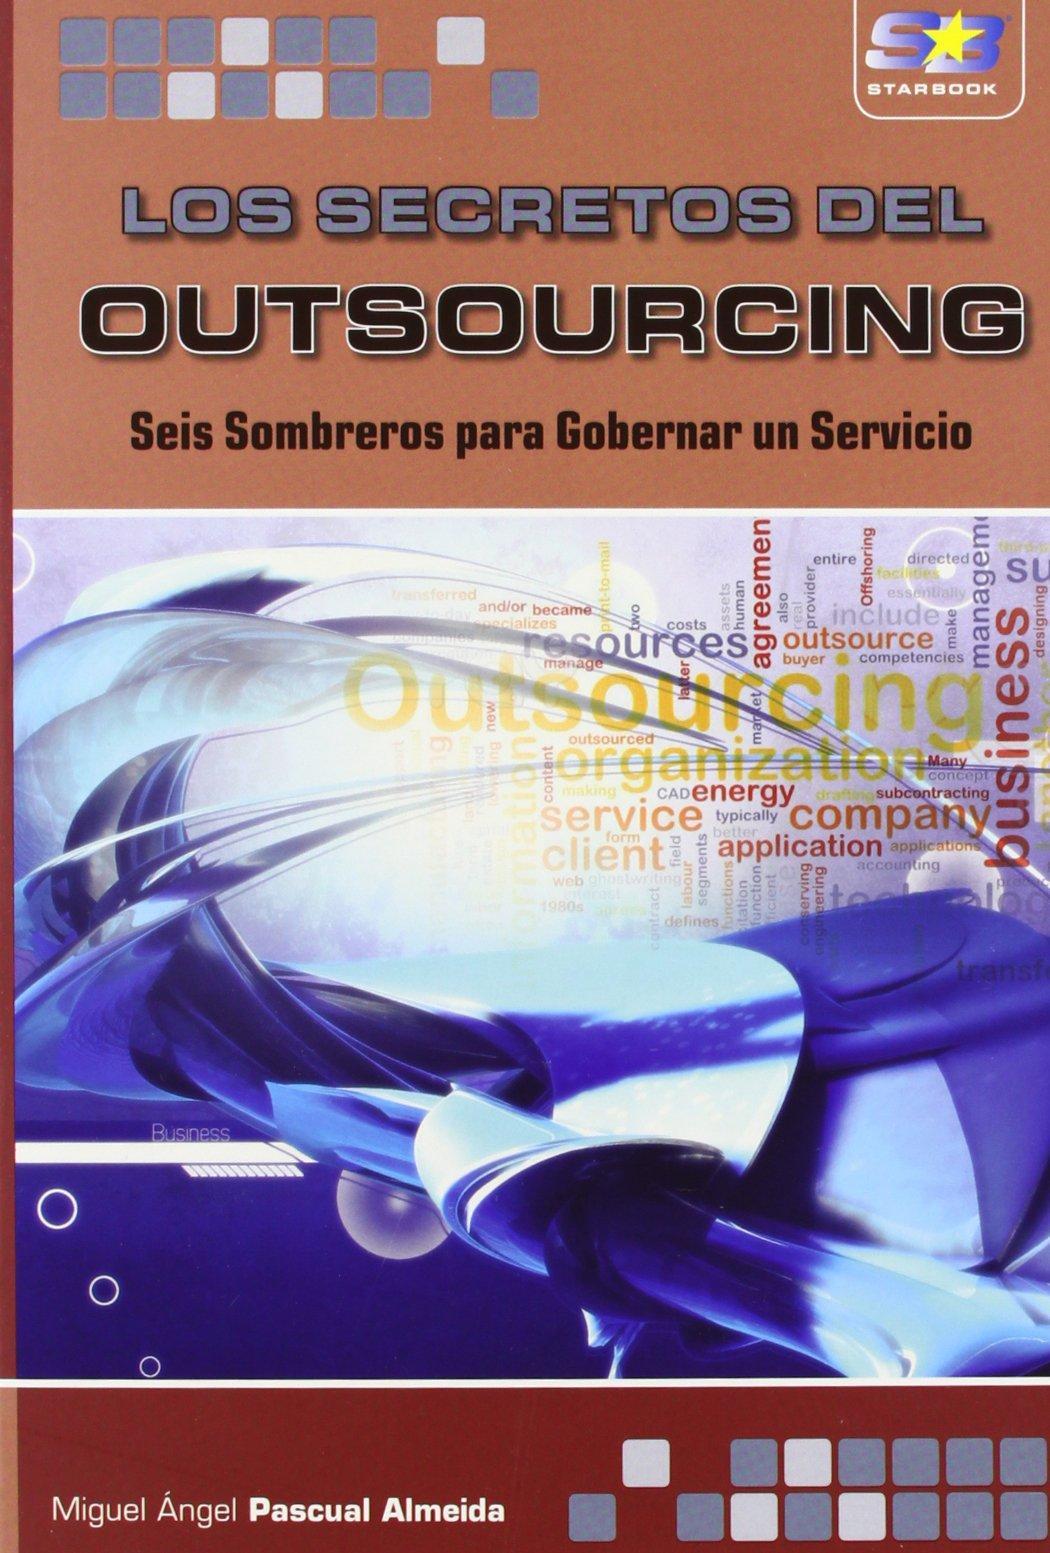 Los Secretos del Outsourcing: Seis Sombreros para Gobernar un Servicio ebook